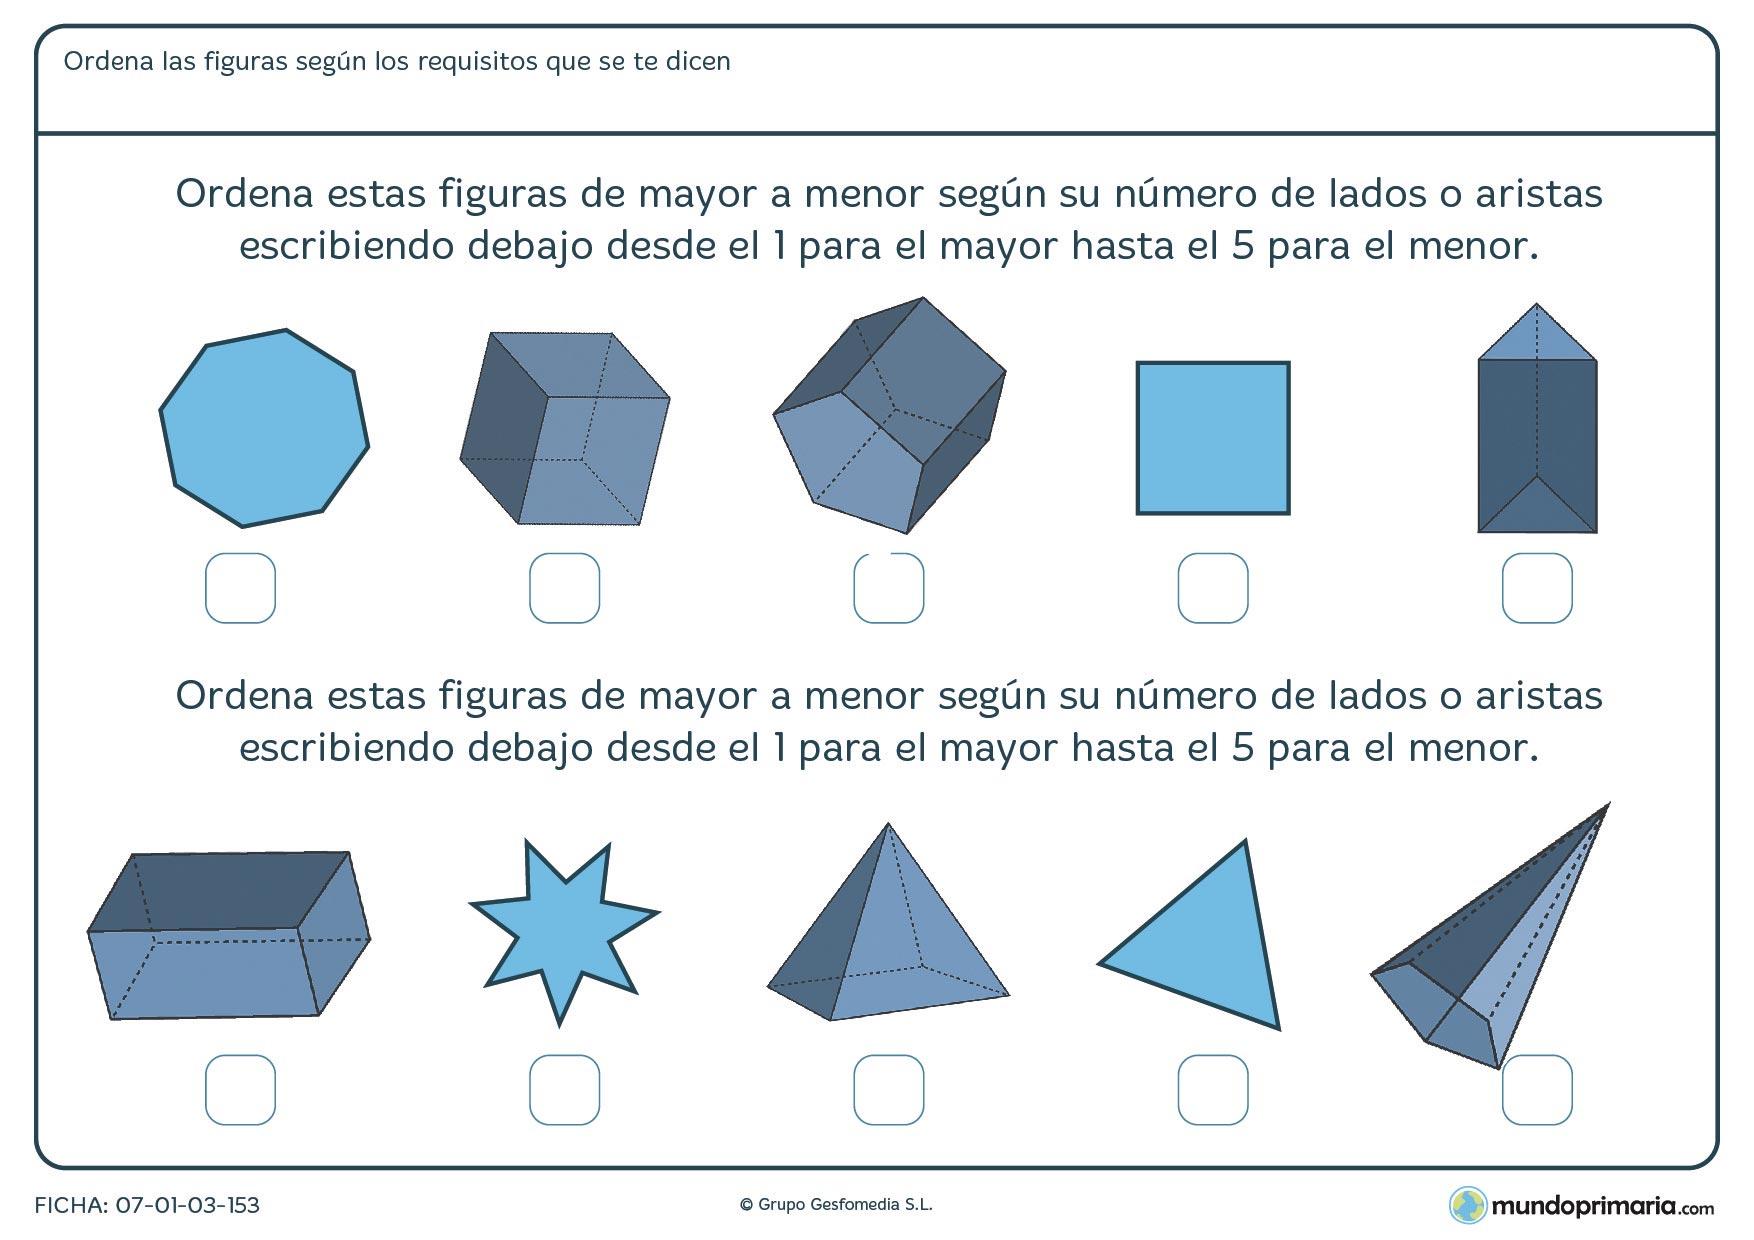 Ficha de ordenar por aristas, en número de mayor a menor, un grupo de figuras geométricas.